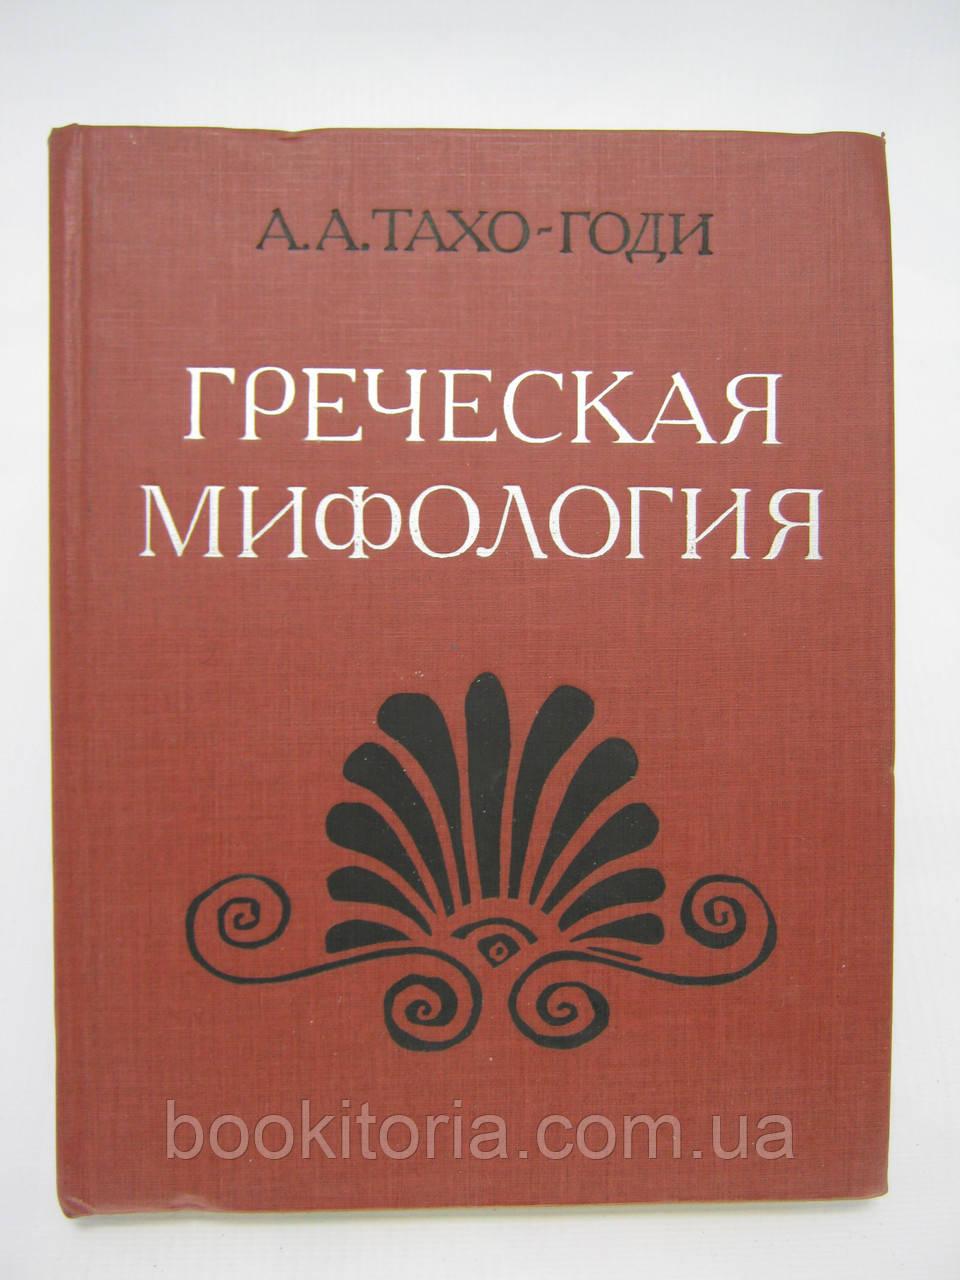 Тахо-Годи А.А. Греческая мифология (б/у).